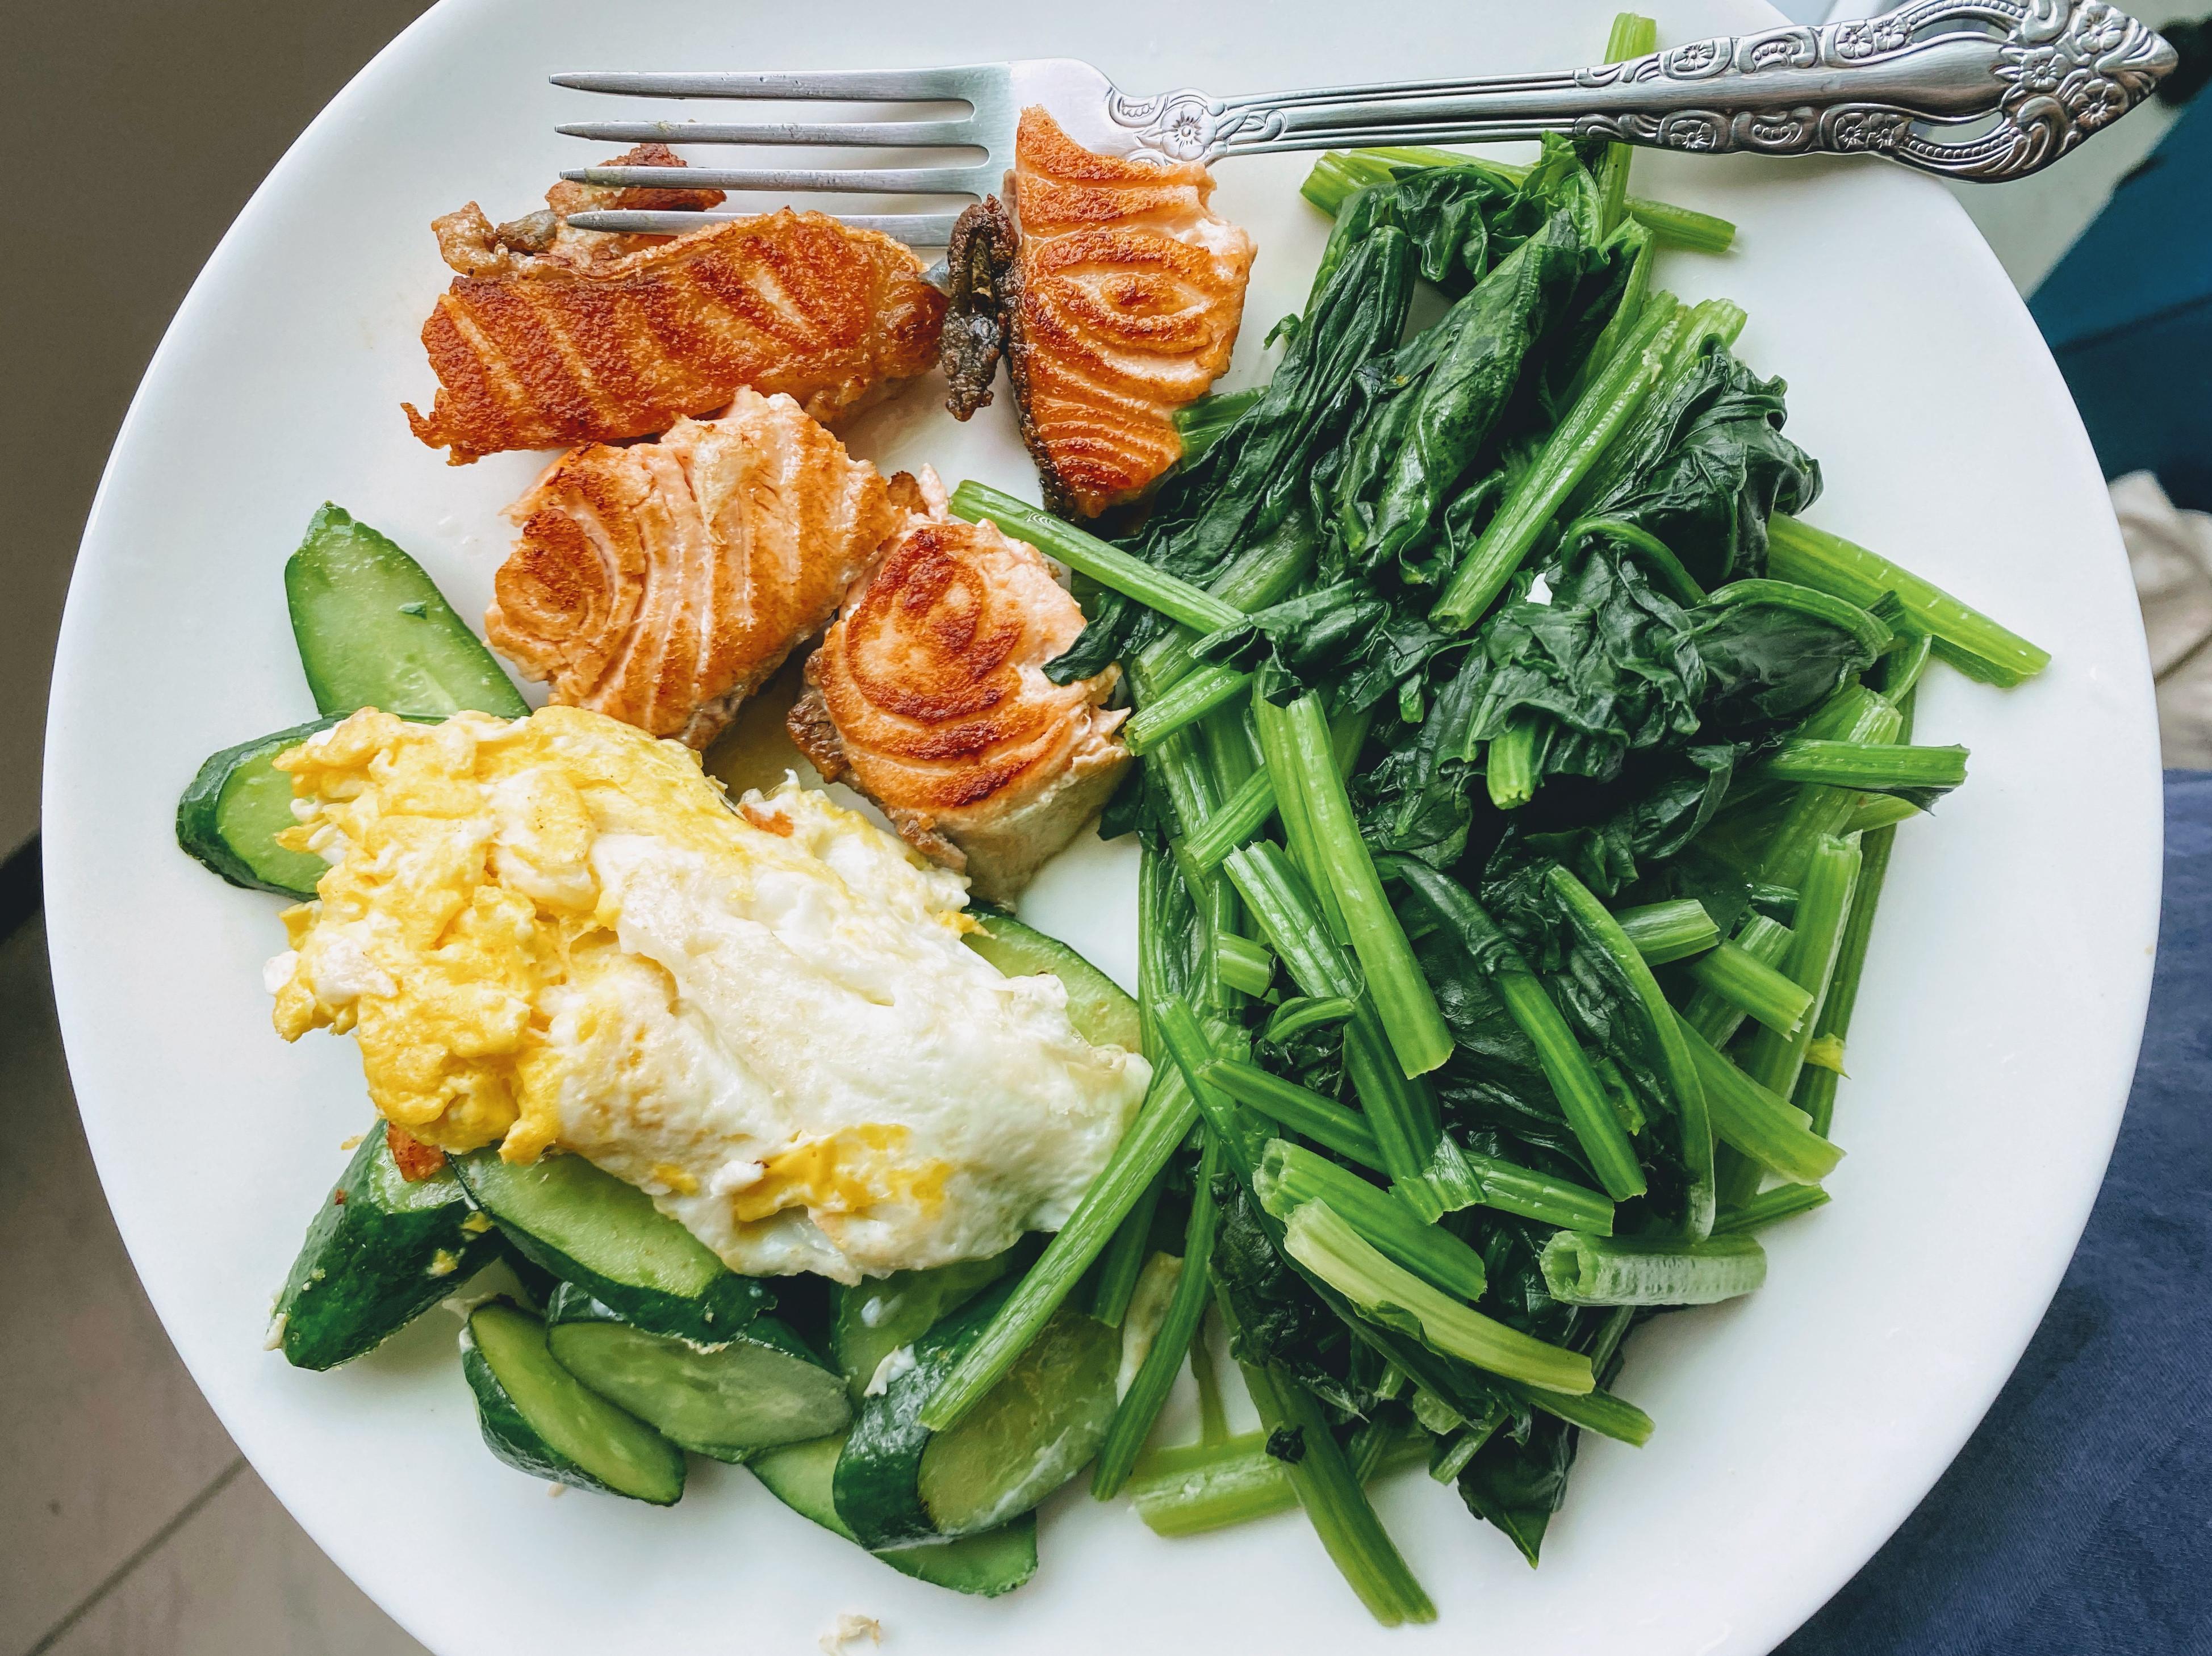 [減脂餐]S10-2 鮭魚菠菜小黃瓜與蛋